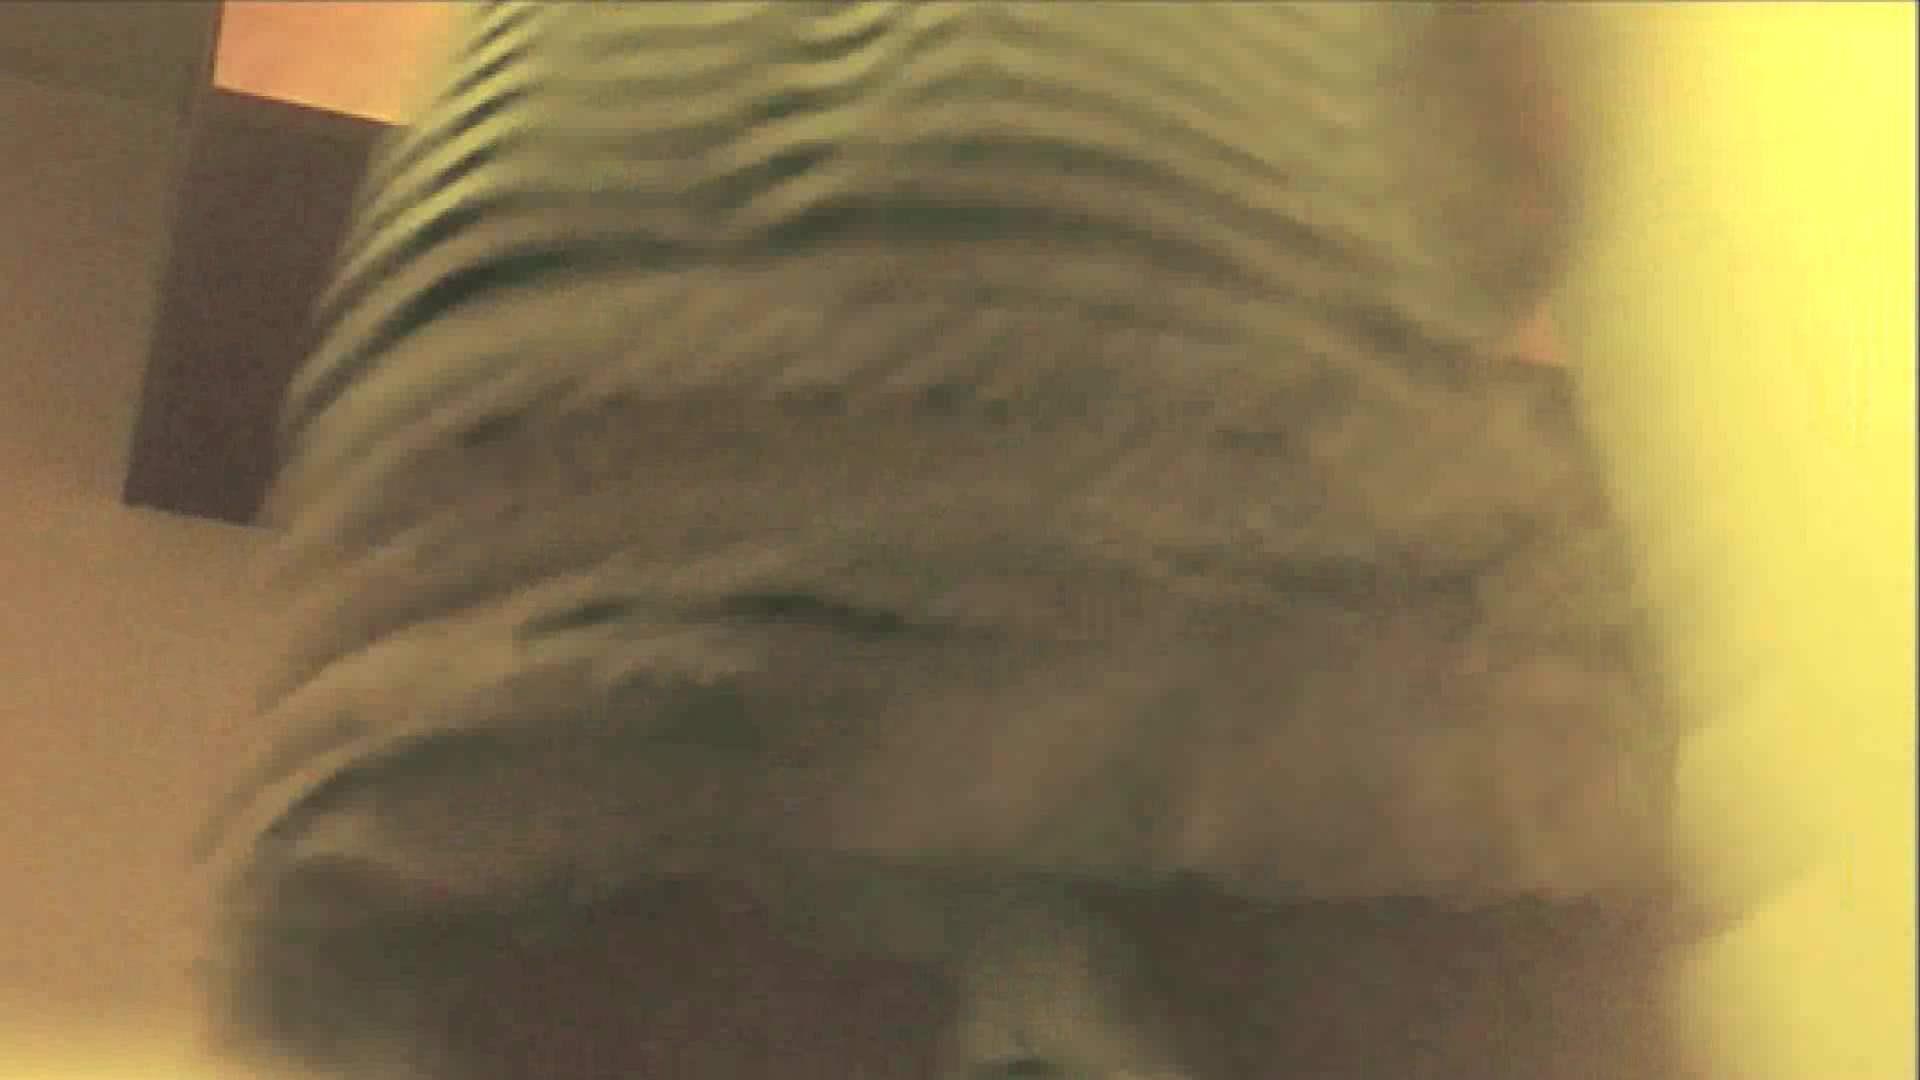 実録!!綺麗なお姉さんのトイレ事情・・・。vol.12 ナプキン  74画像 16